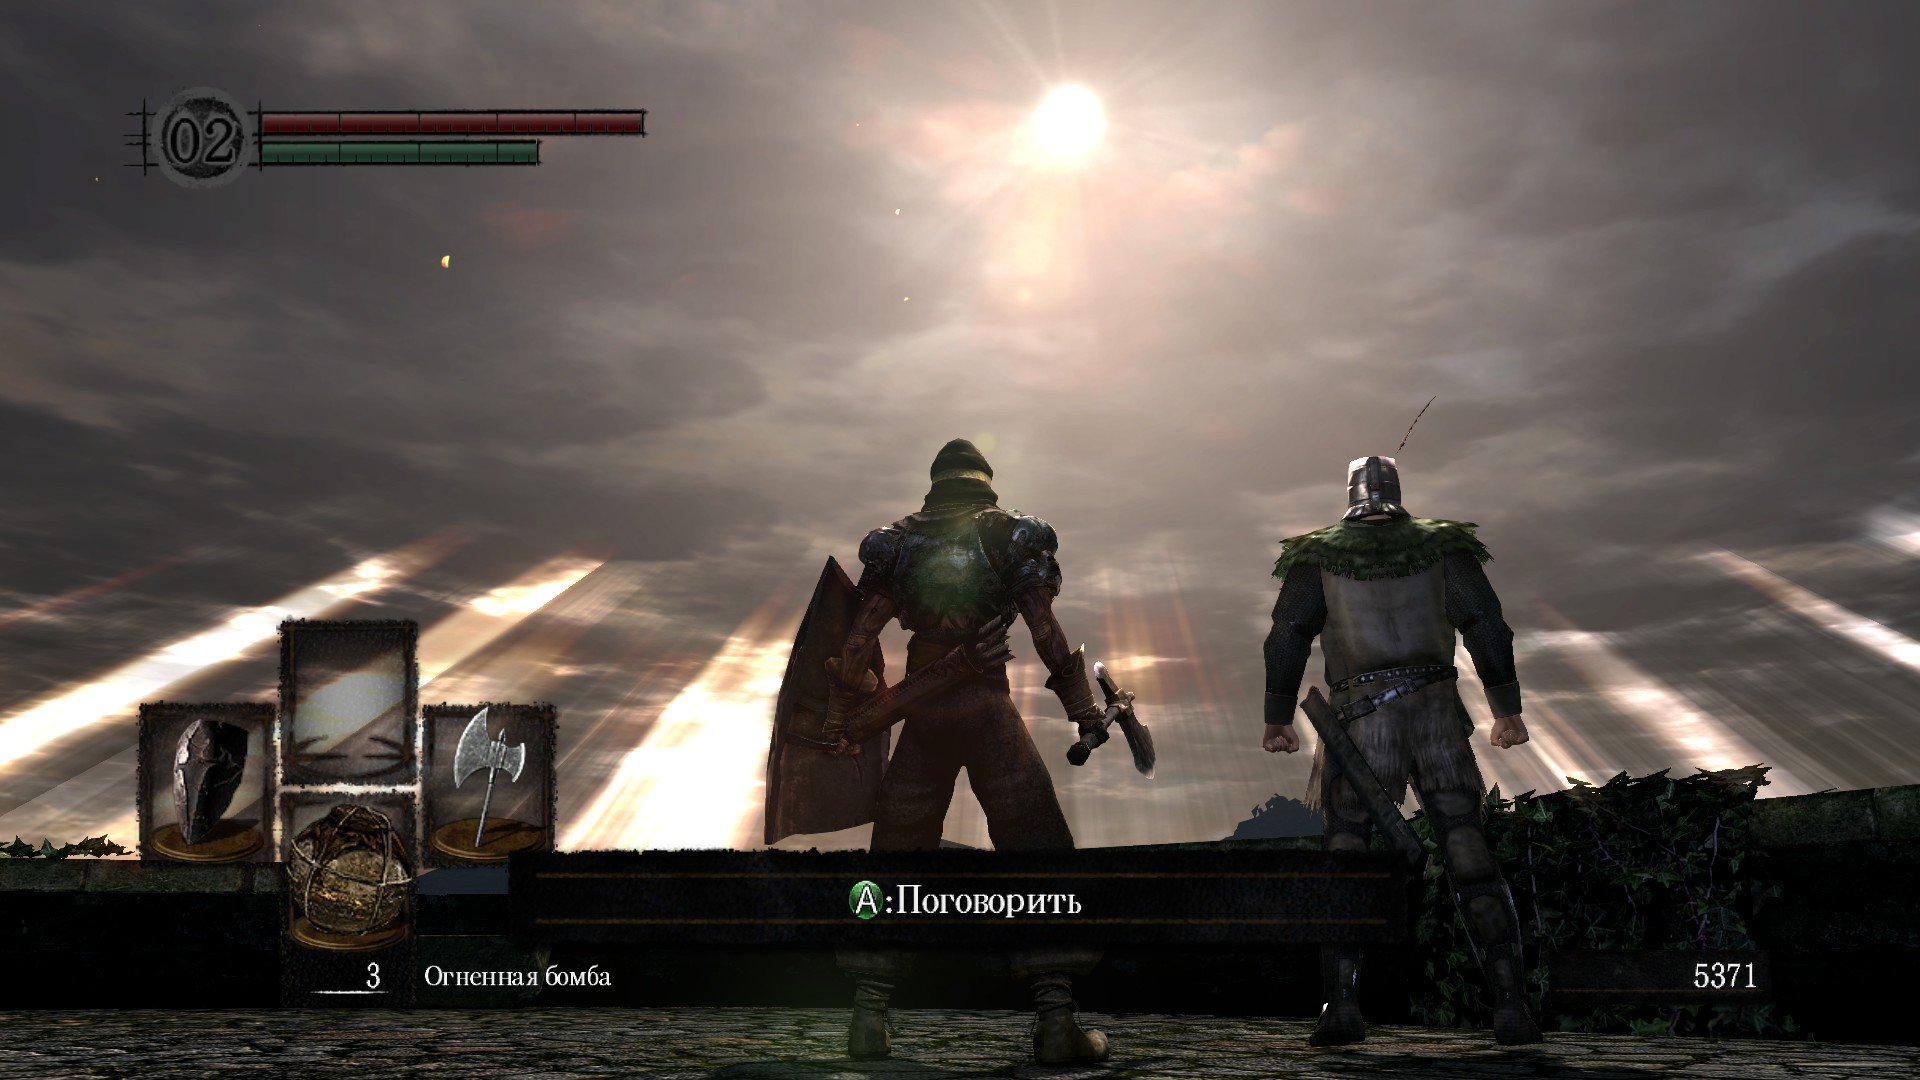 Вопль-прохождение Dark Souls часть 1 (ЗАПИСЬ) ... еще не решил, как это называть! - Изображение 10